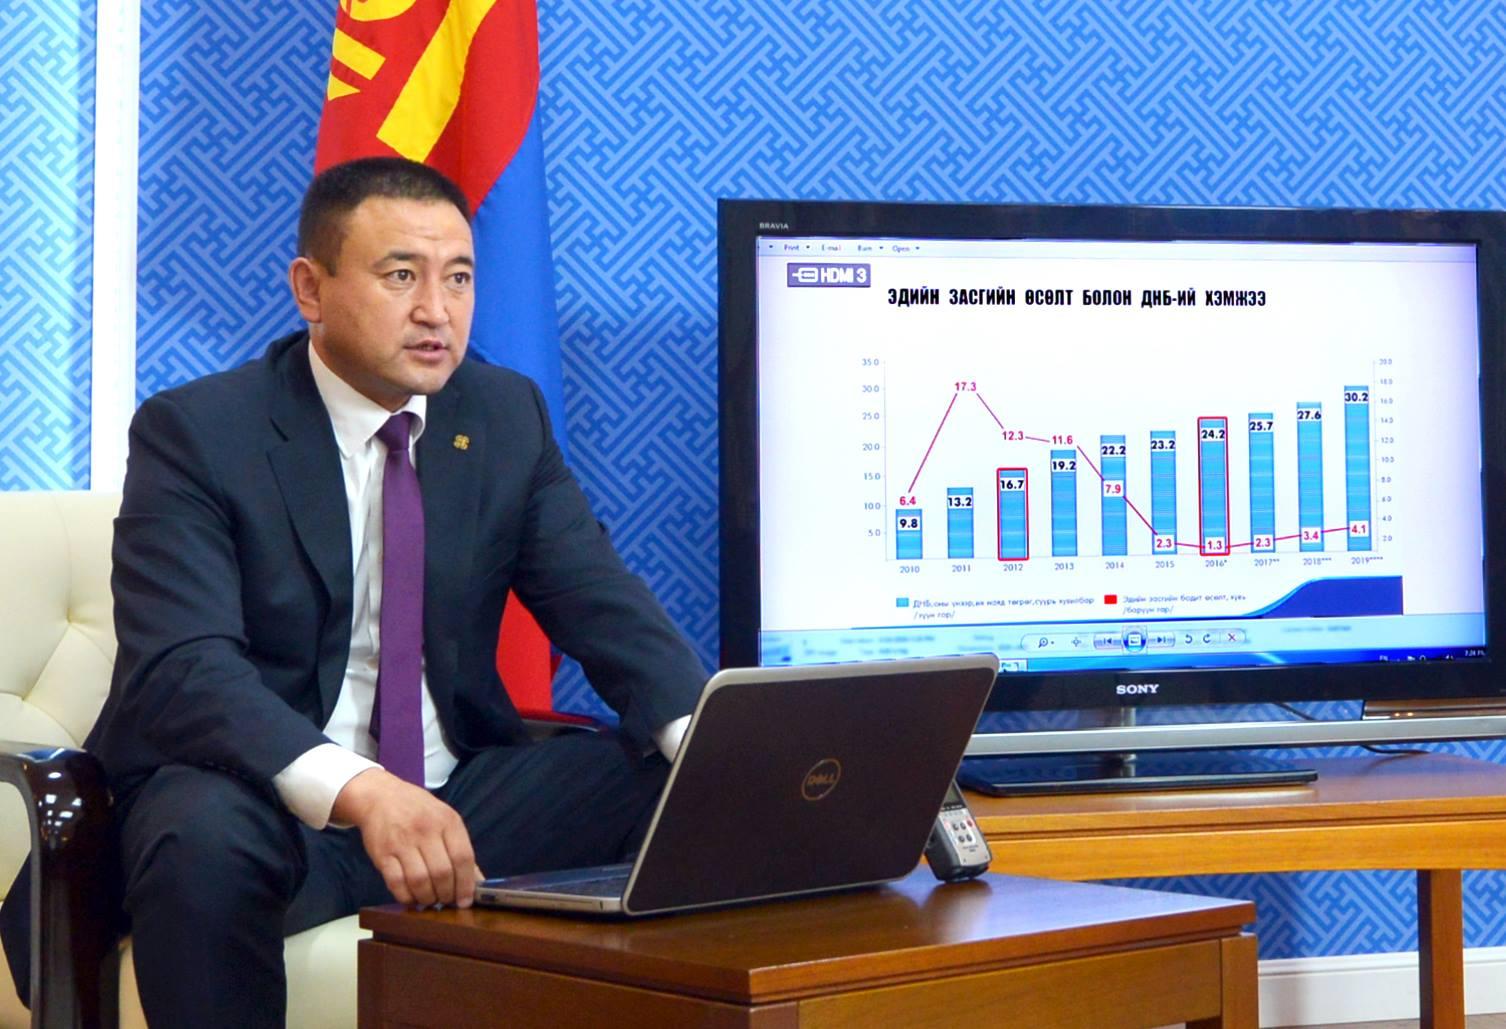 Монгол Улсын нийгэм, эдийн засаг, төсөв, санхүүгийн өнөөгийн нөхцөл байдлын талаар мэдээлэл хийлээ